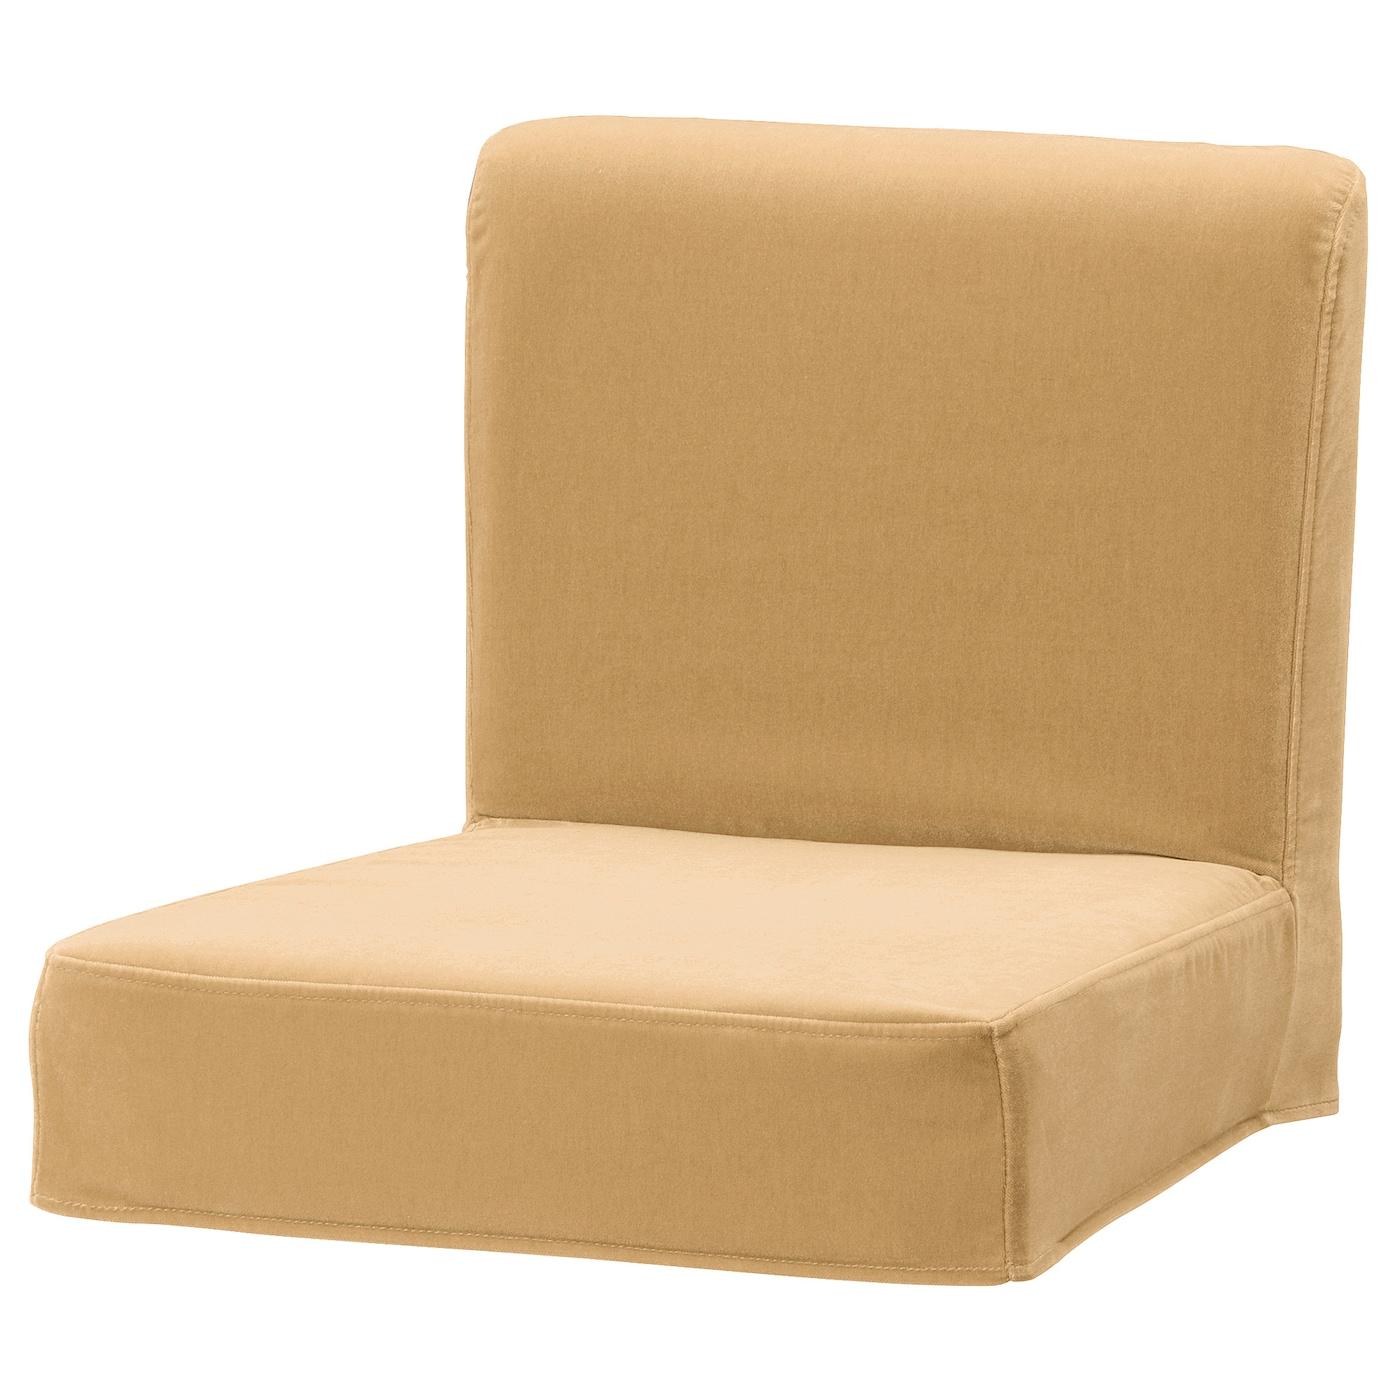 henriksdal housse pr tabouret bar avec dossier djuparp jaune beige ikea. Black Bedroom Furniture Sets. Home Design Ideas